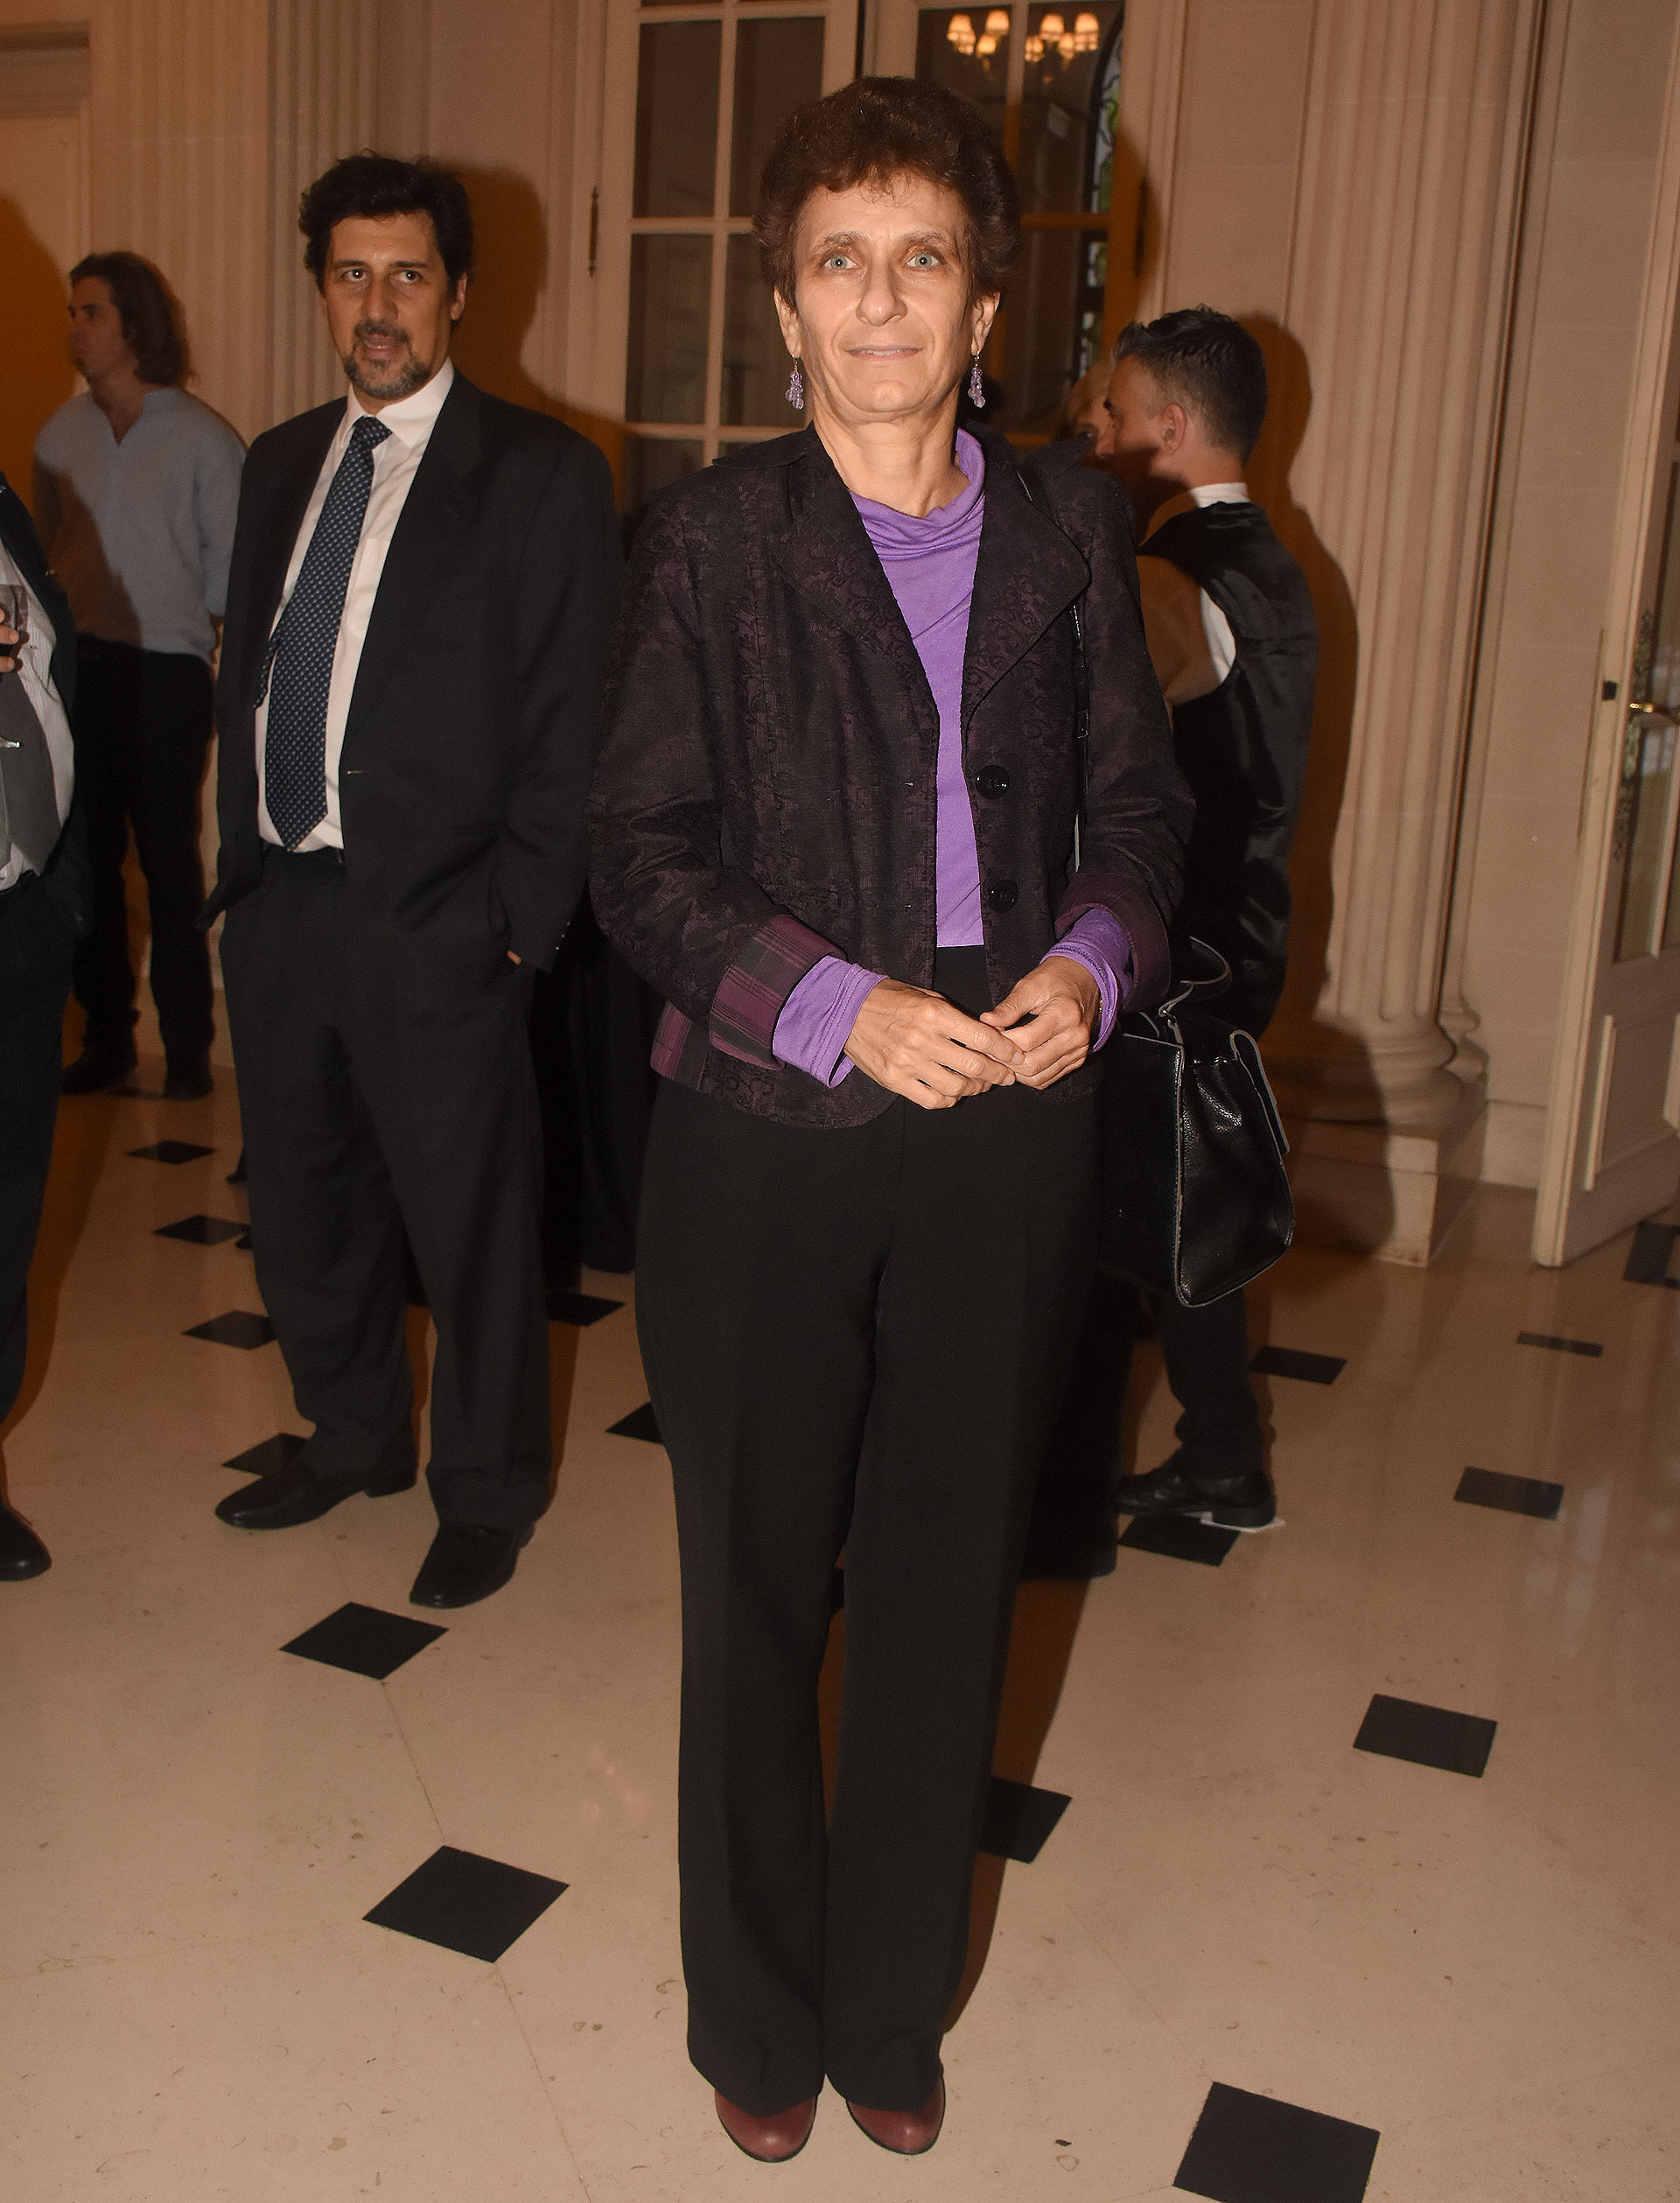 La embajadora de Israel en Argentina, Galit Ronen